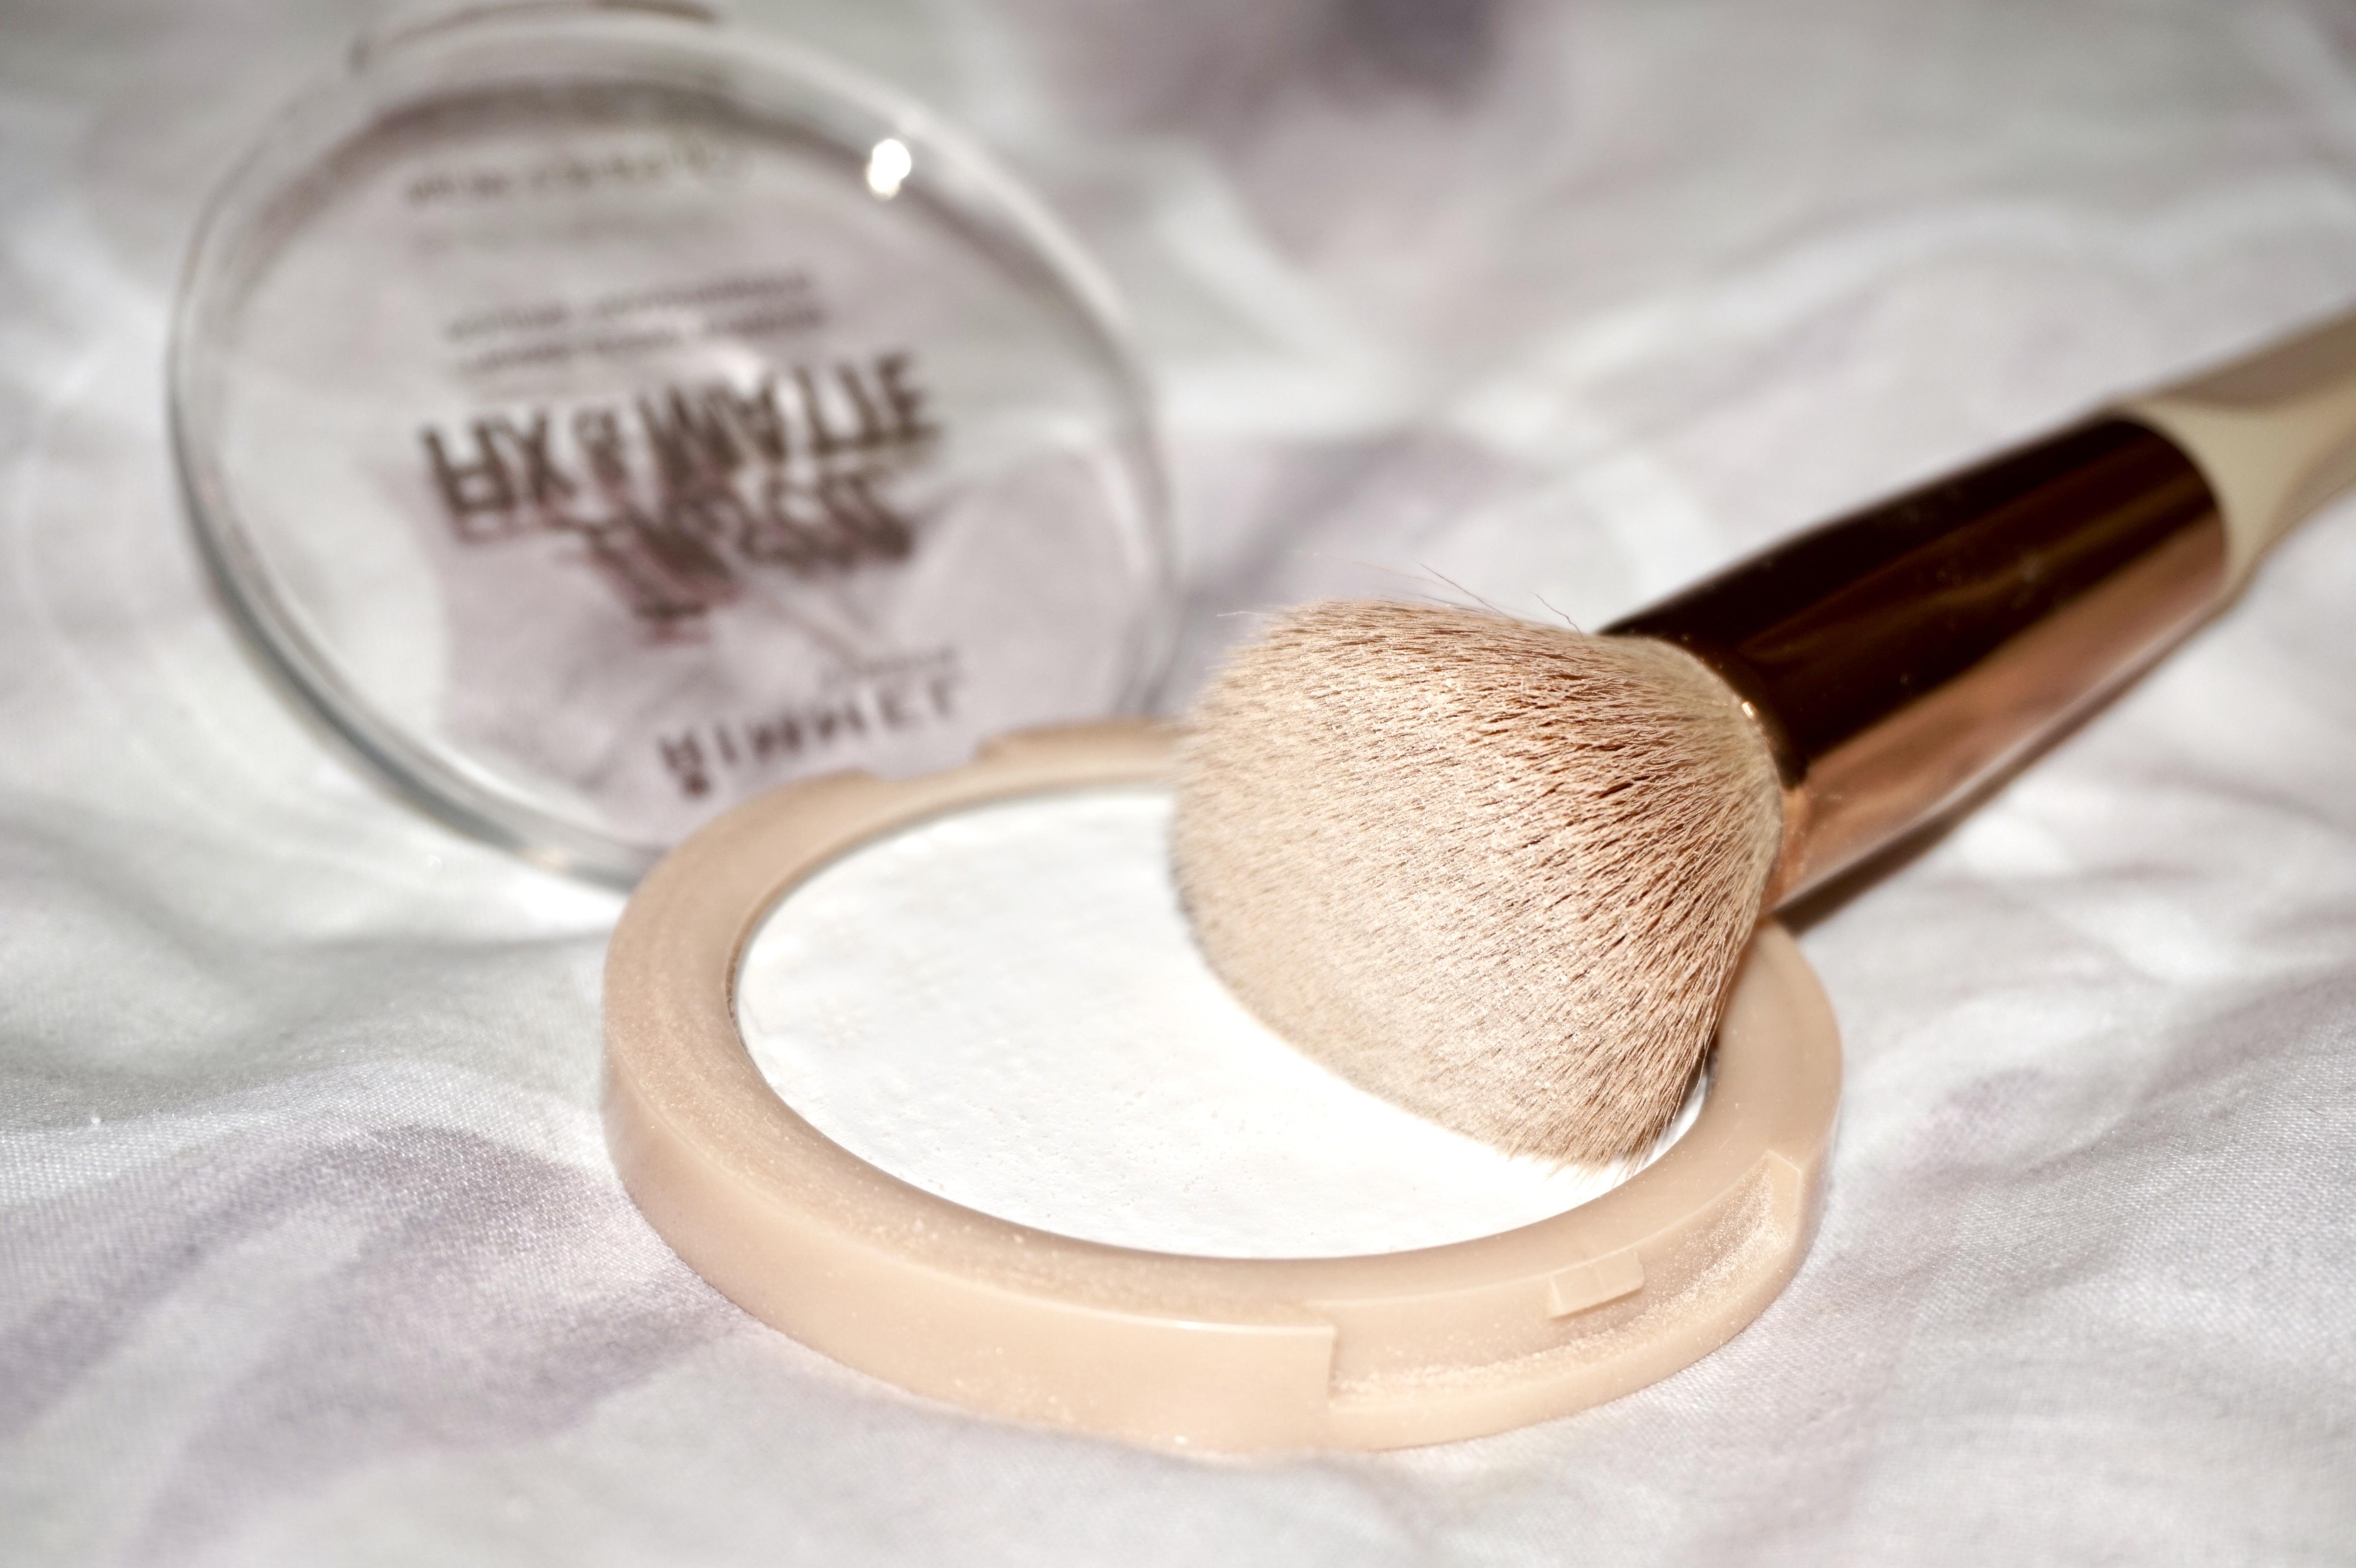 splash of glam make-up powder